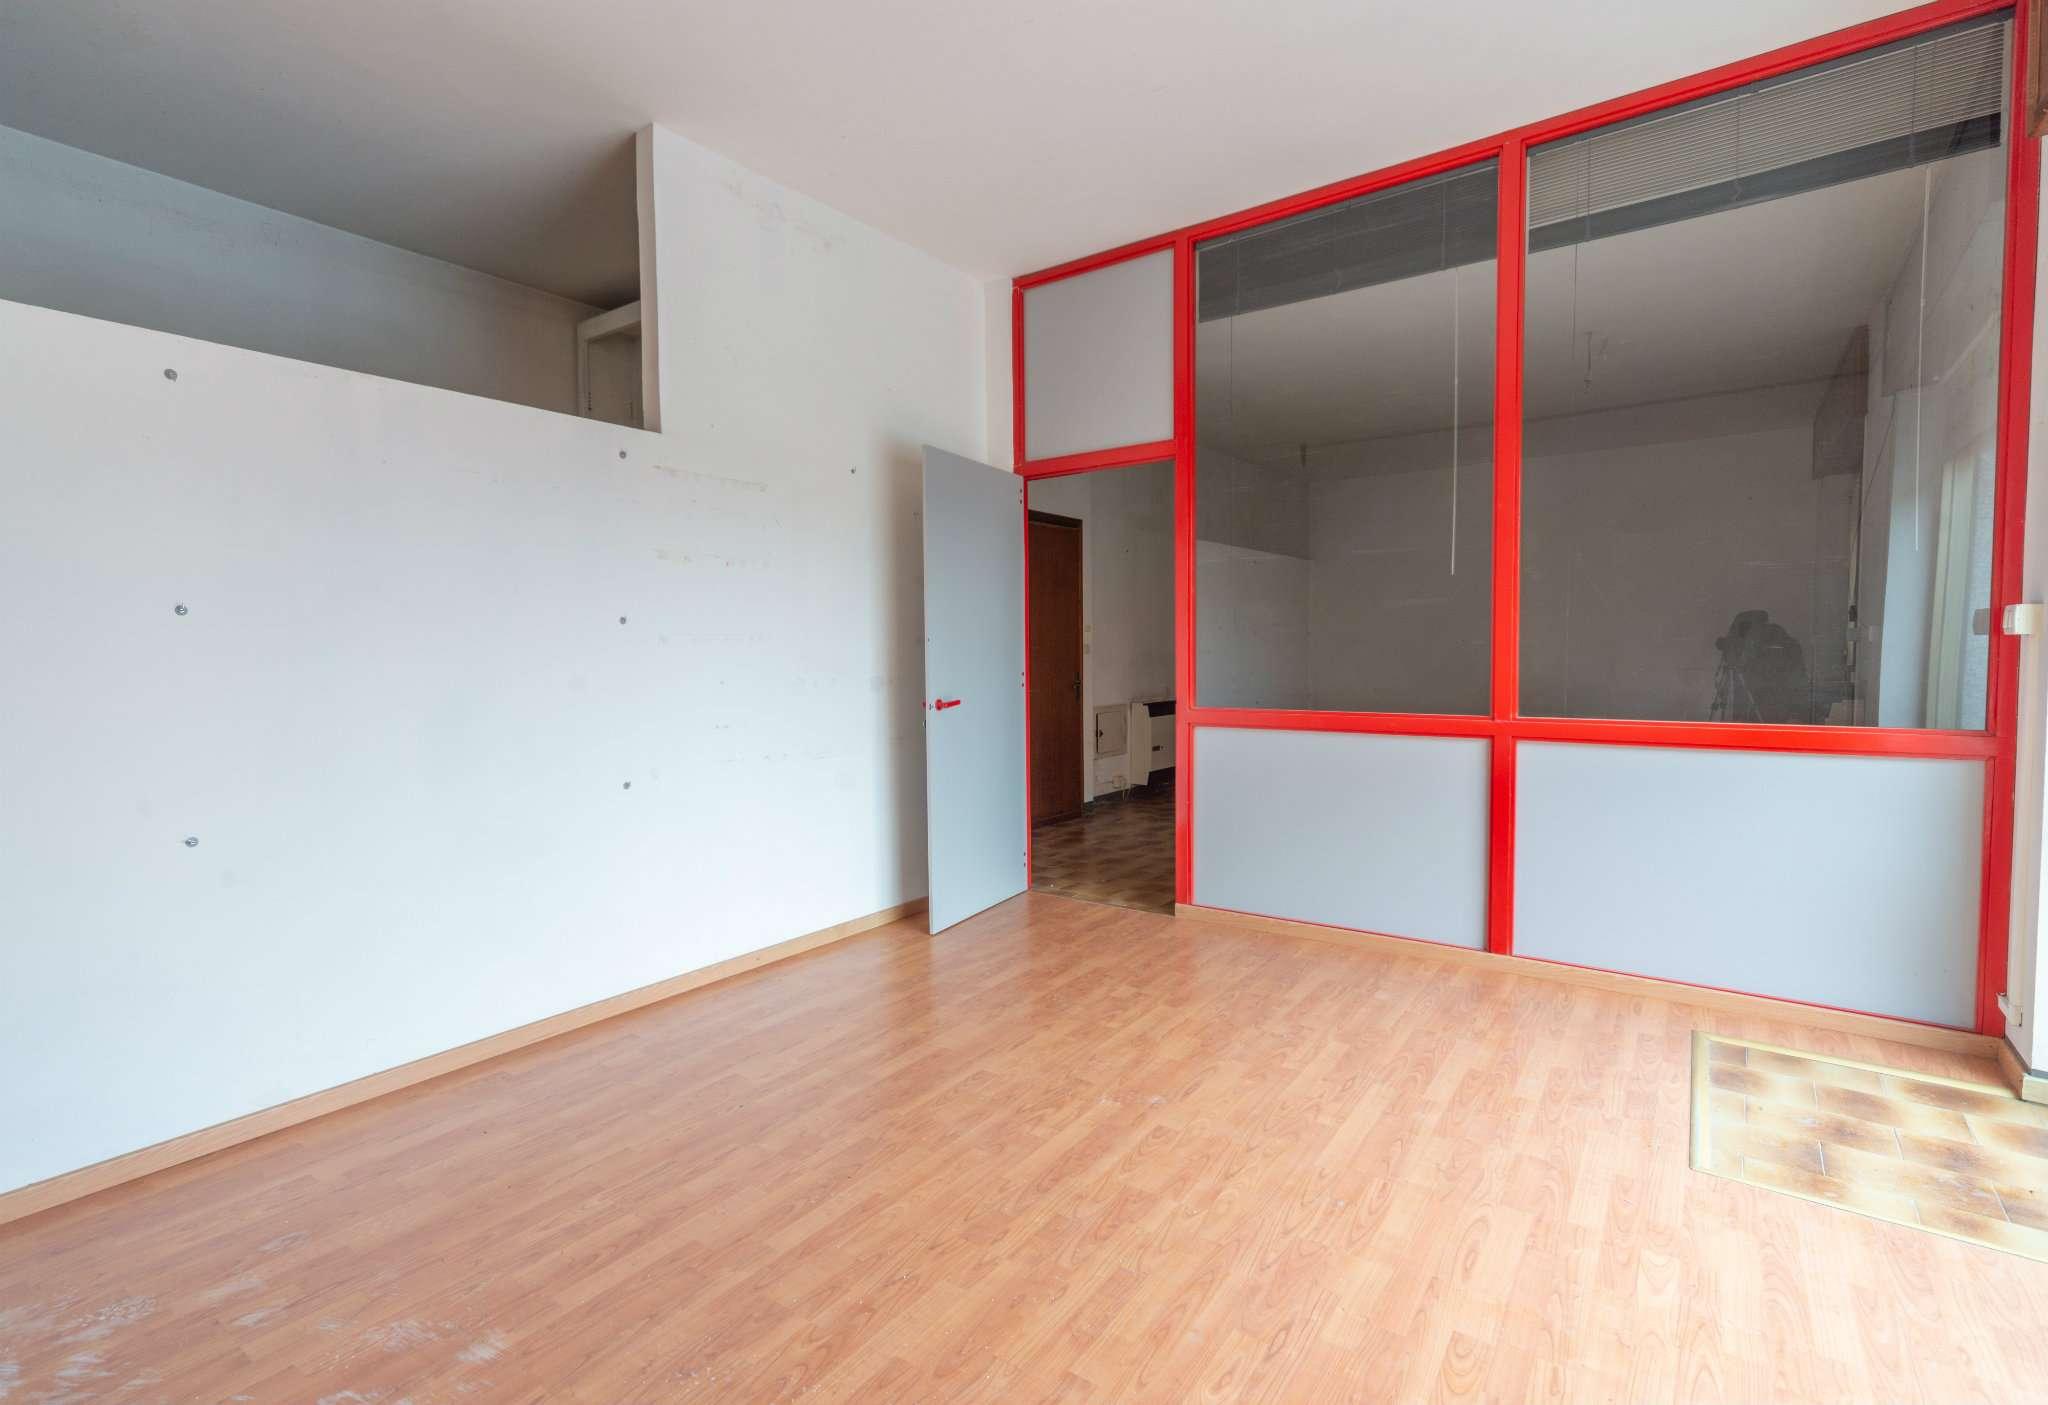 Negozio / Locale in affitto a Caraglio, 2 locali, prezzo € 290 | PortaleAgenzieImmobiliari.it